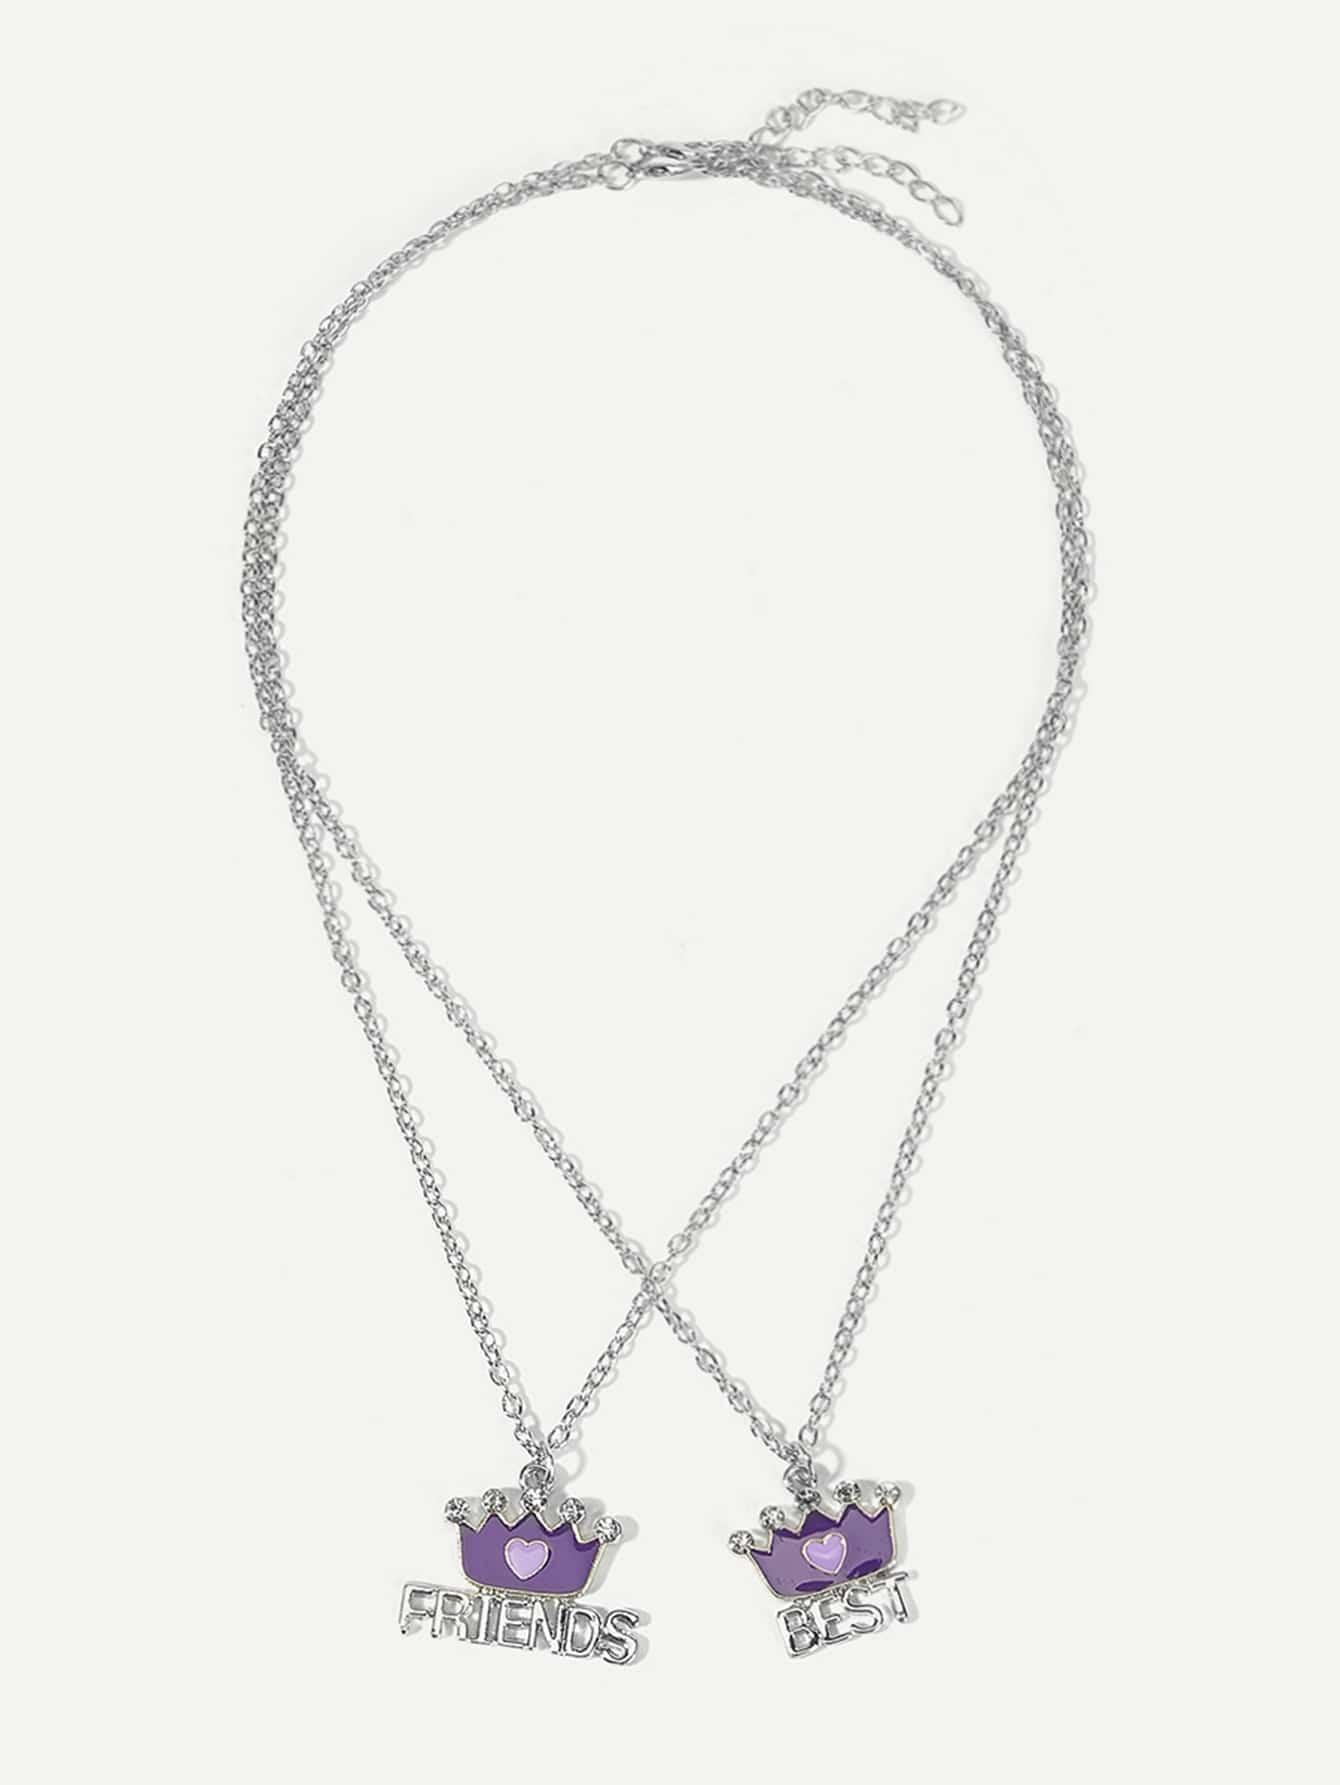 Купить Комплект ожерелья для подвески для девочек Crown 2шт., null, SheIn